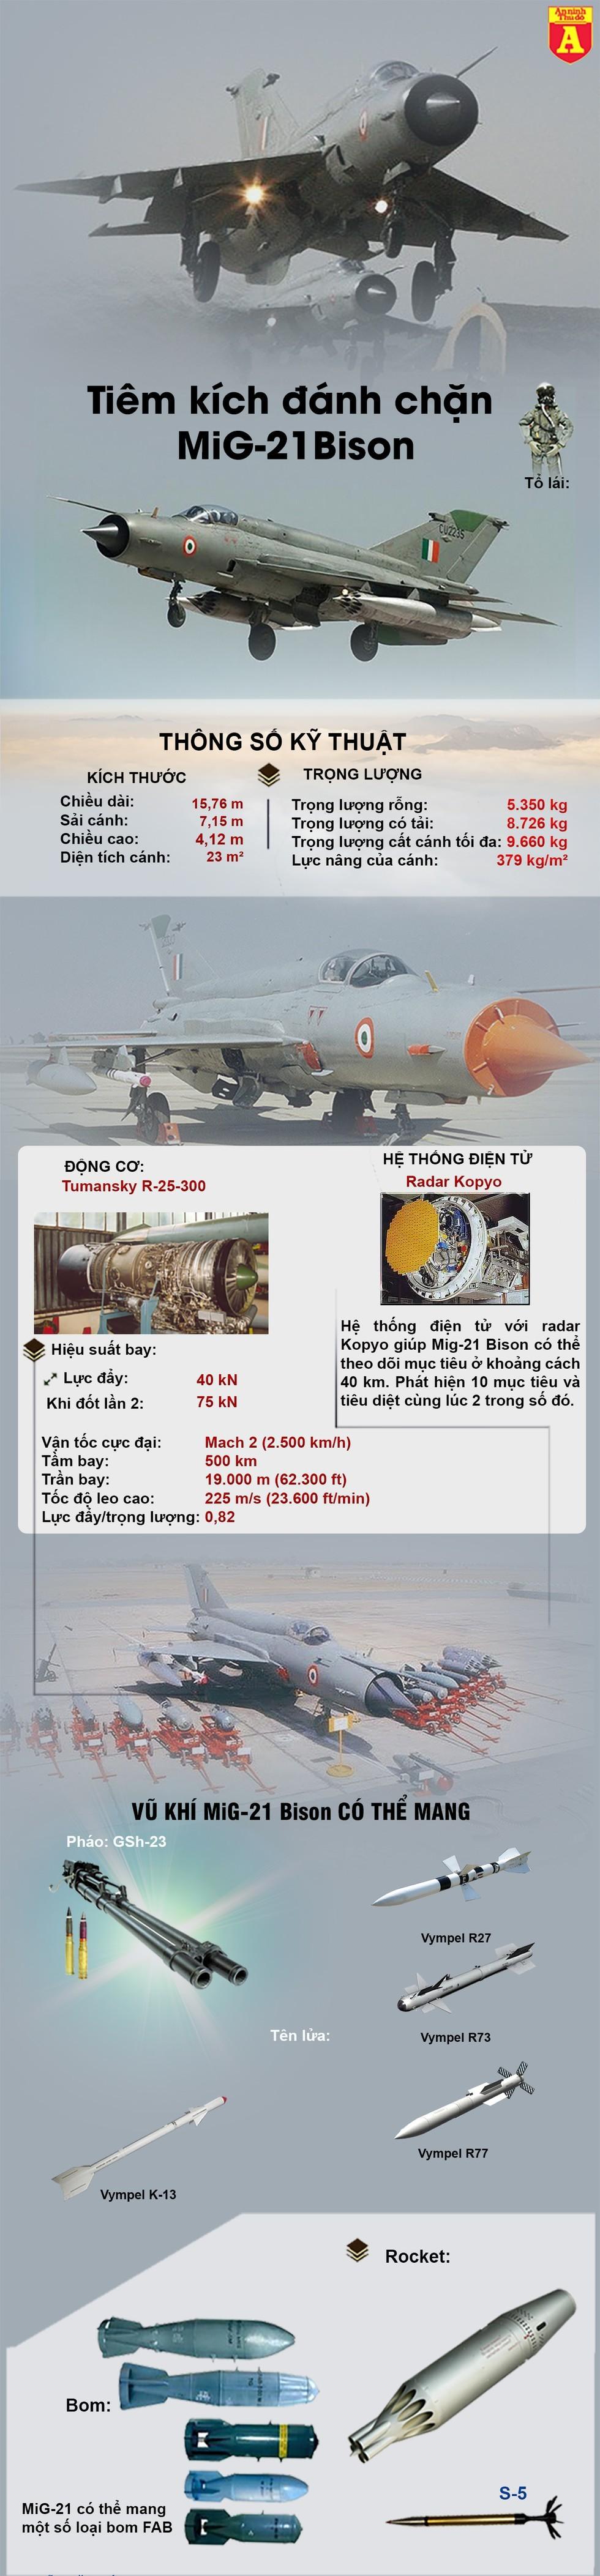 [Info] Ấn Độ chốt thời điểm chia tay hàng loạt MiG-21 Bison ảnh 2